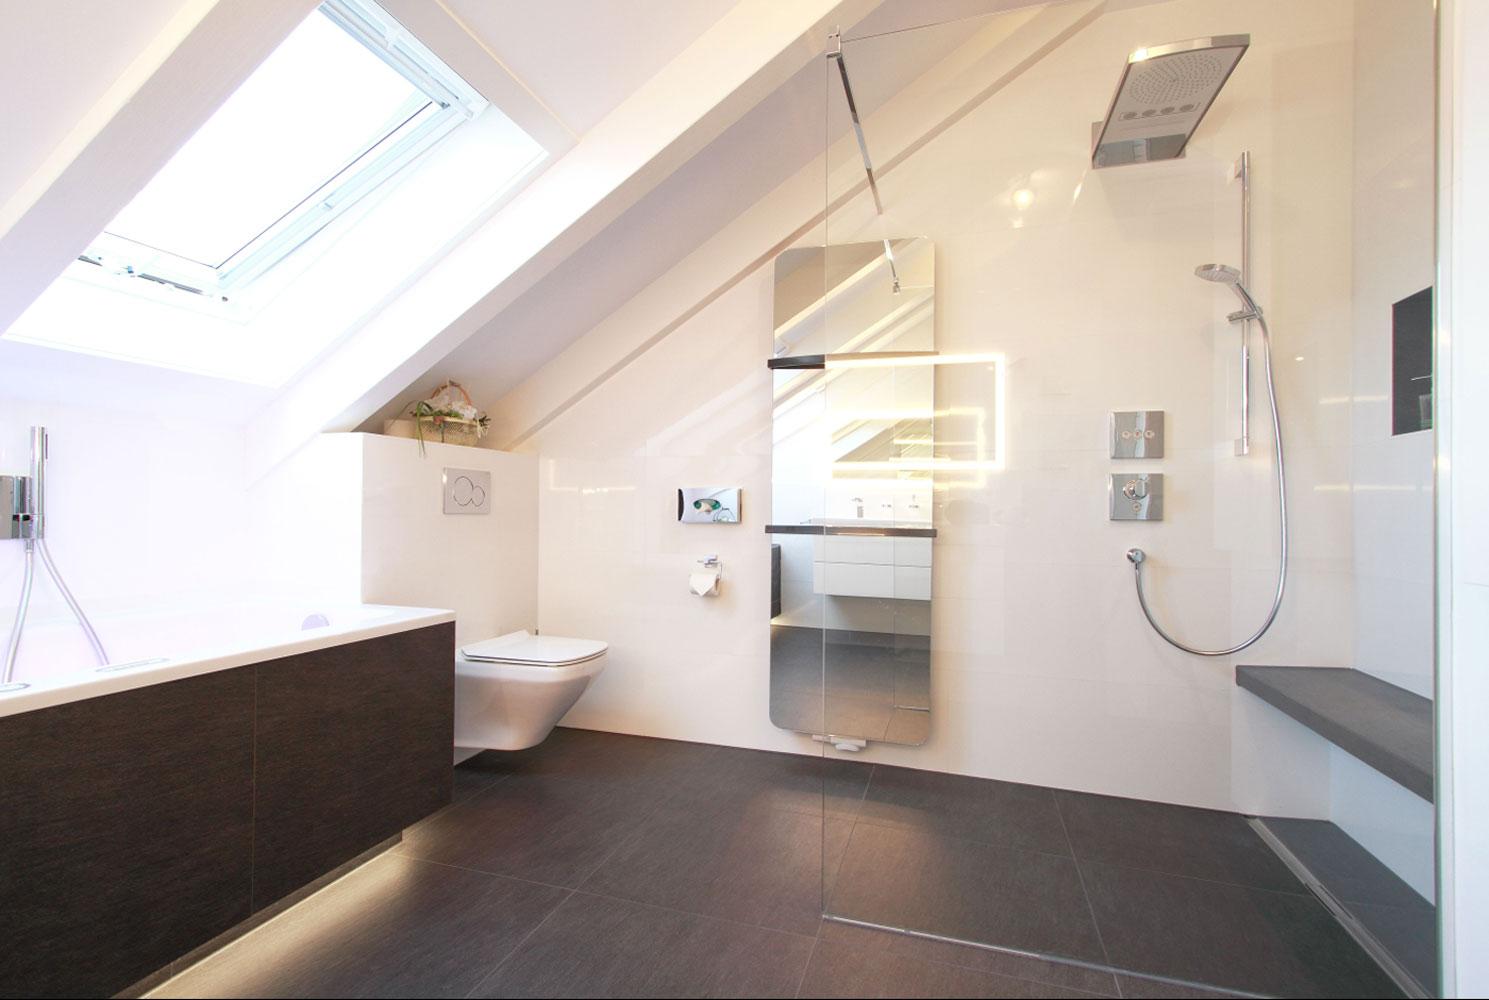 Bild 8 bad & heizung Lassen GmbH in Freiburg